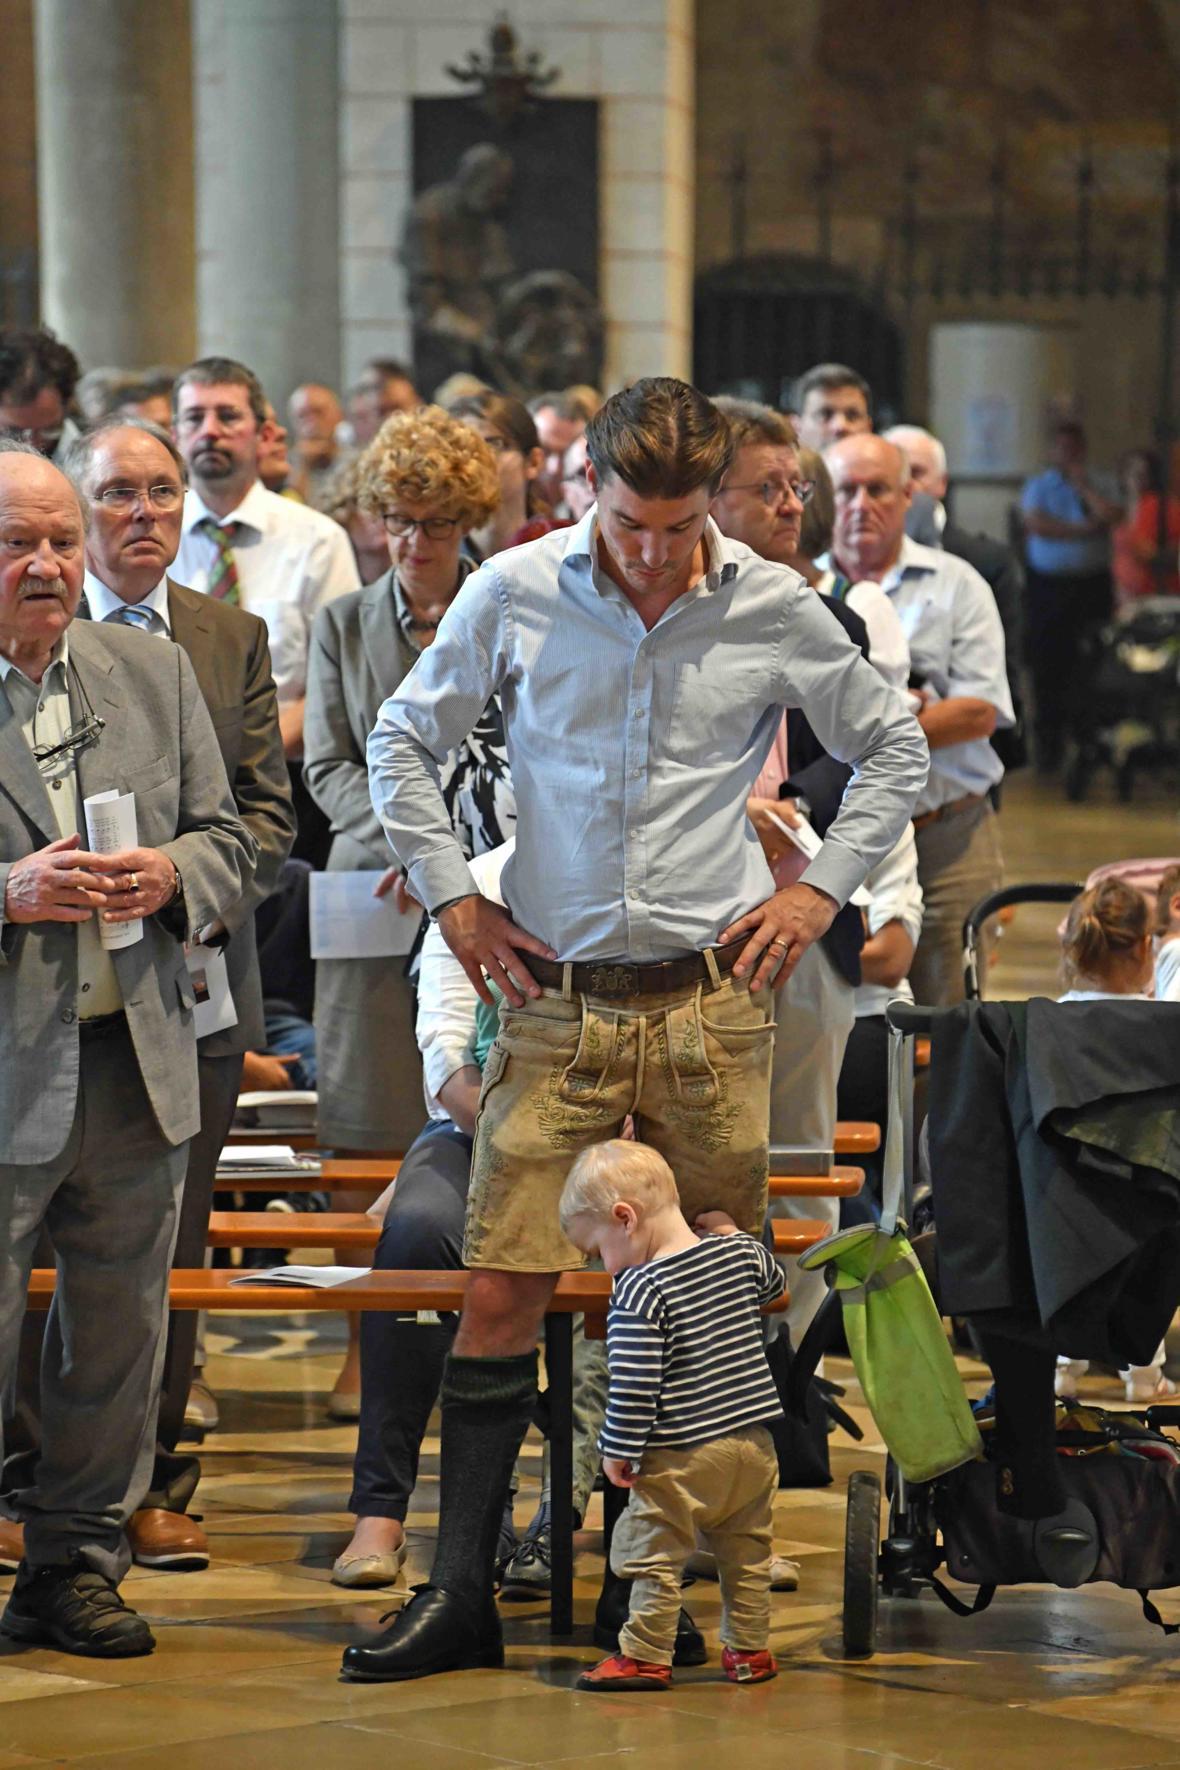 Dankgottesdienst zur Verabschiedung von Bischof Konrad (Foto Nicolas Schnall_pba) 6